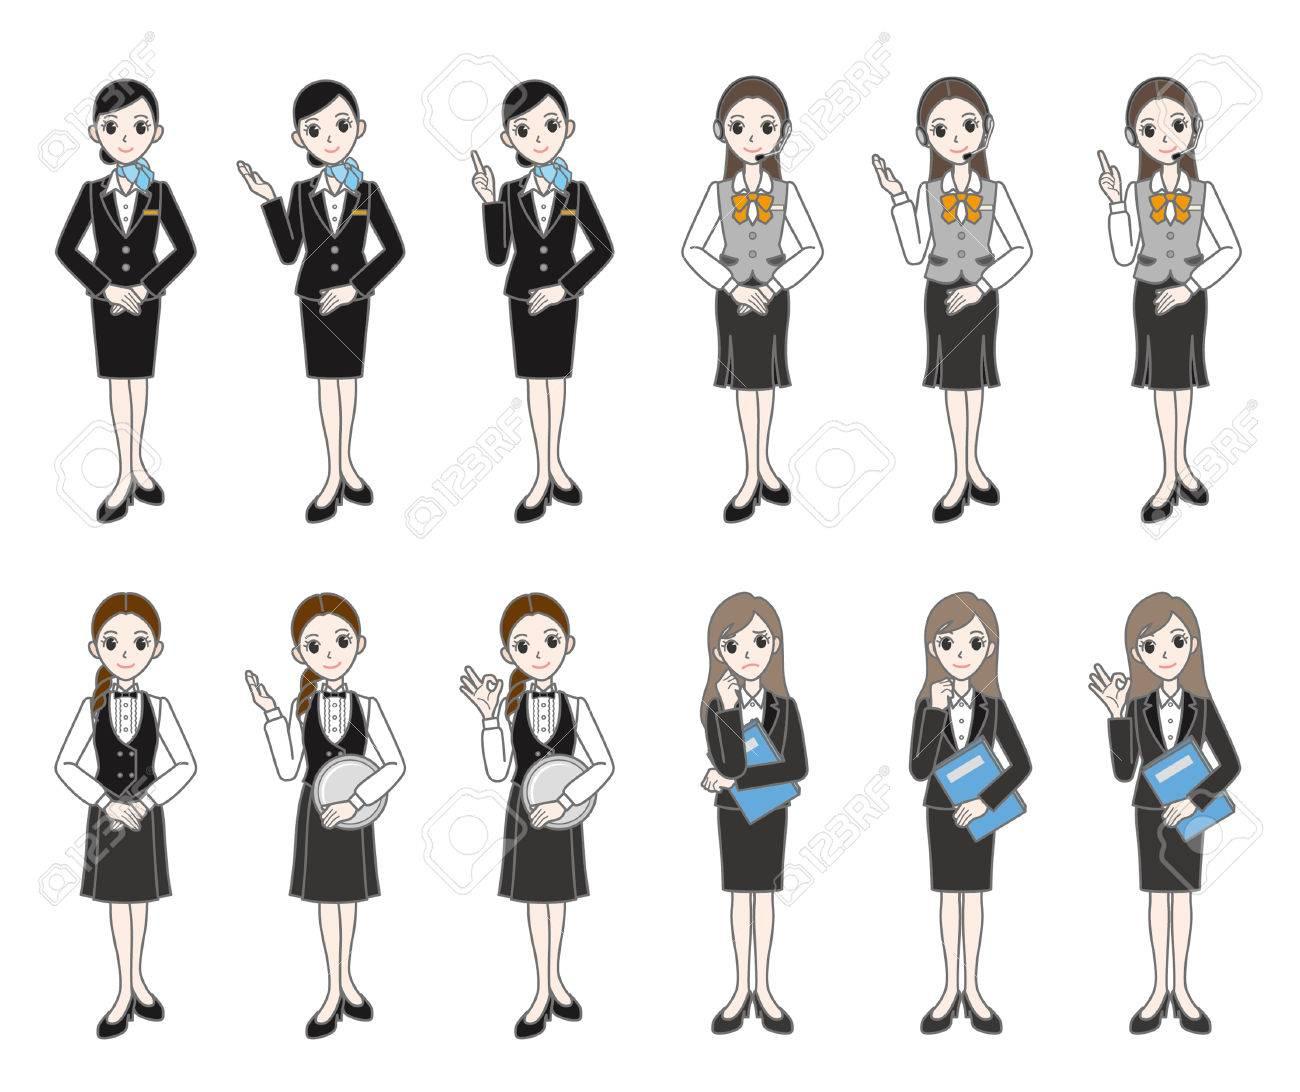 Businesswomen - 28984819